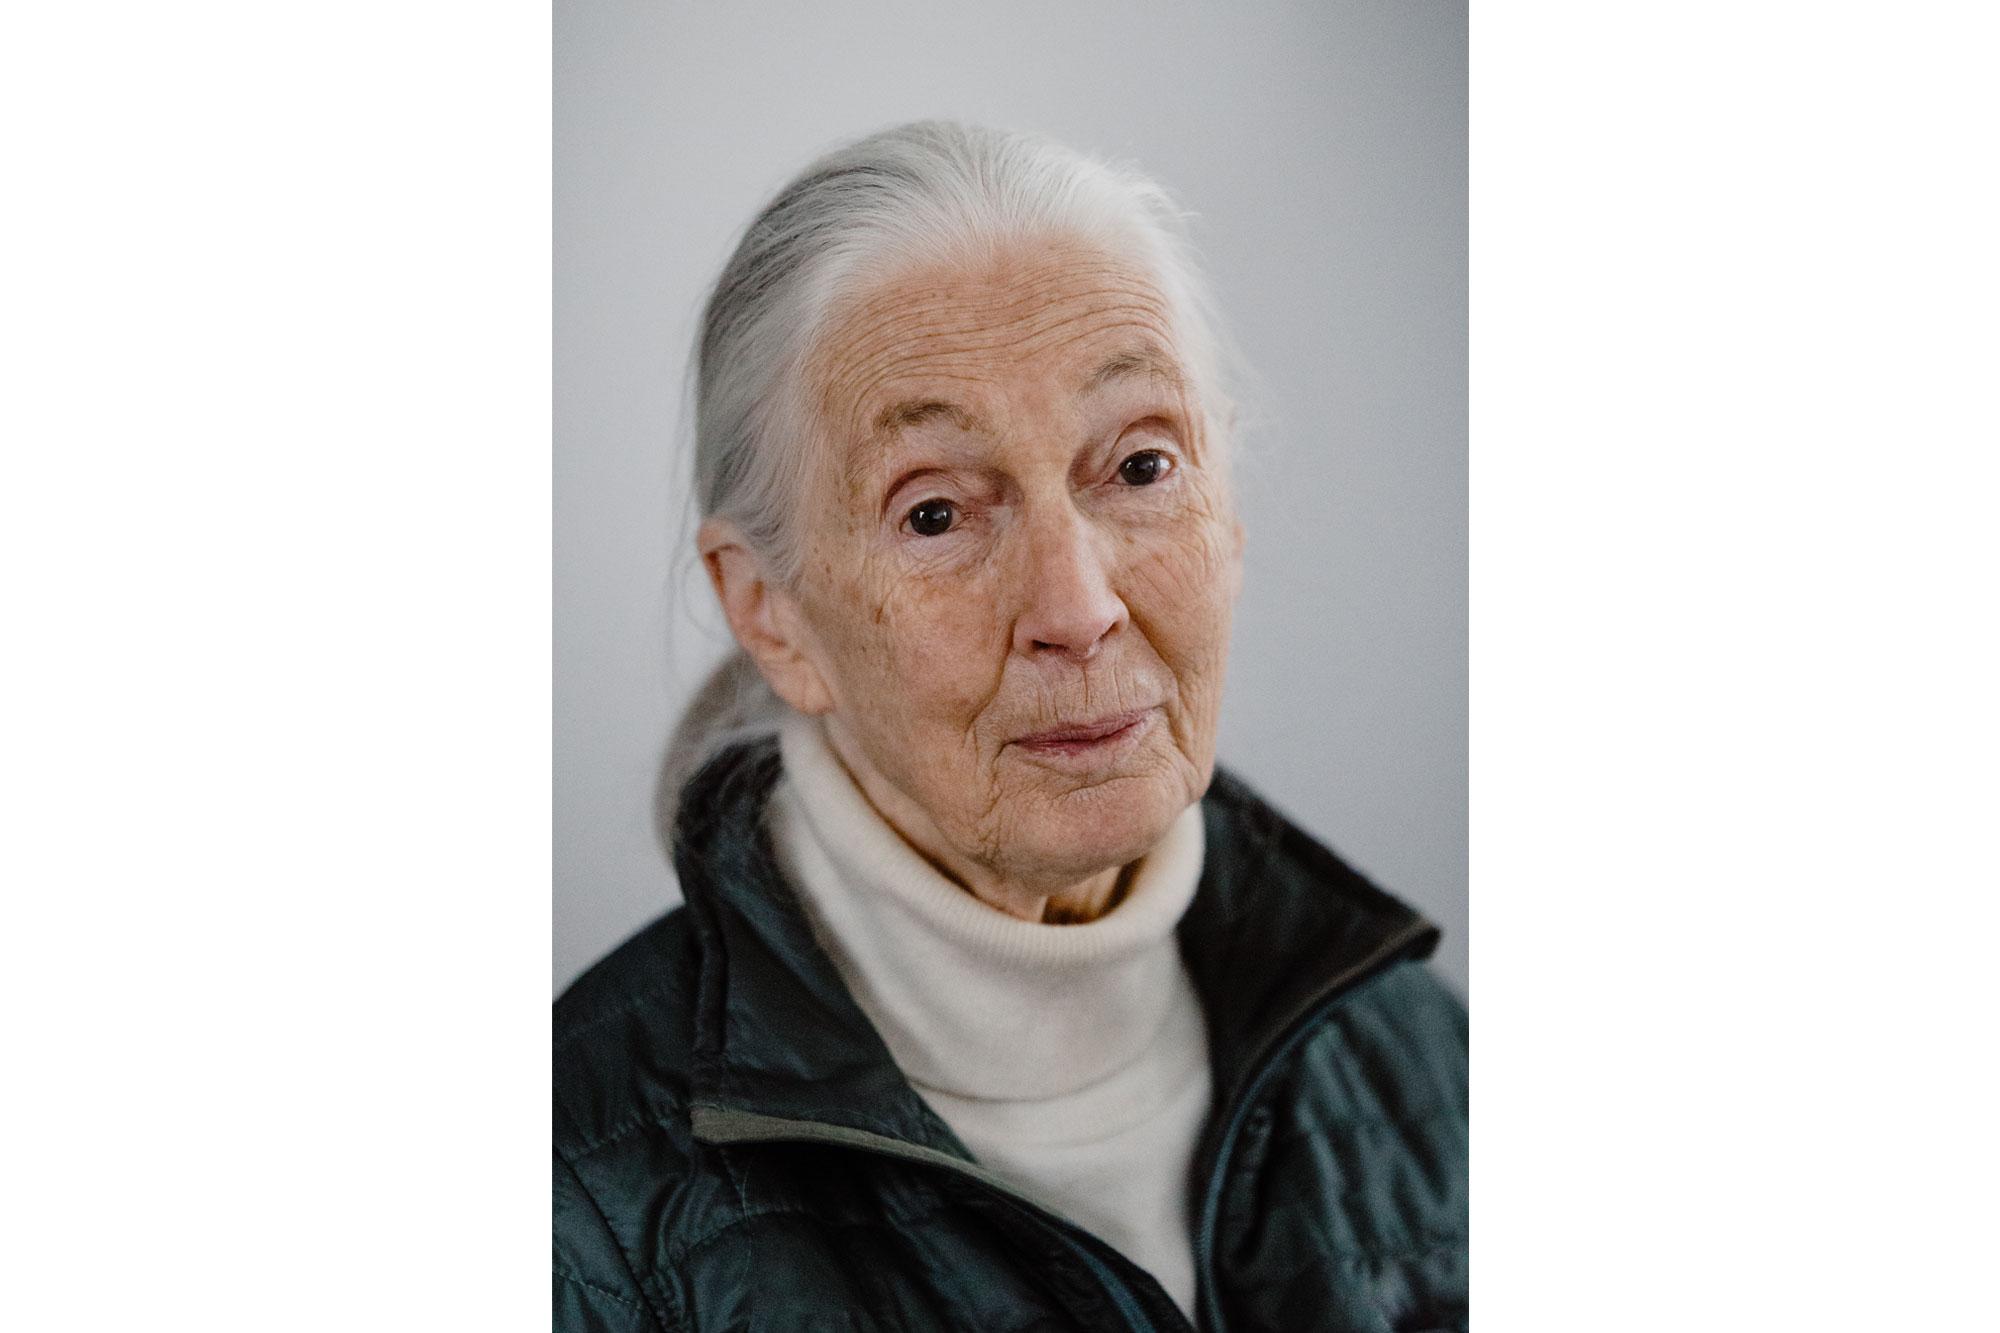 Jane_Goodall_3.jpg